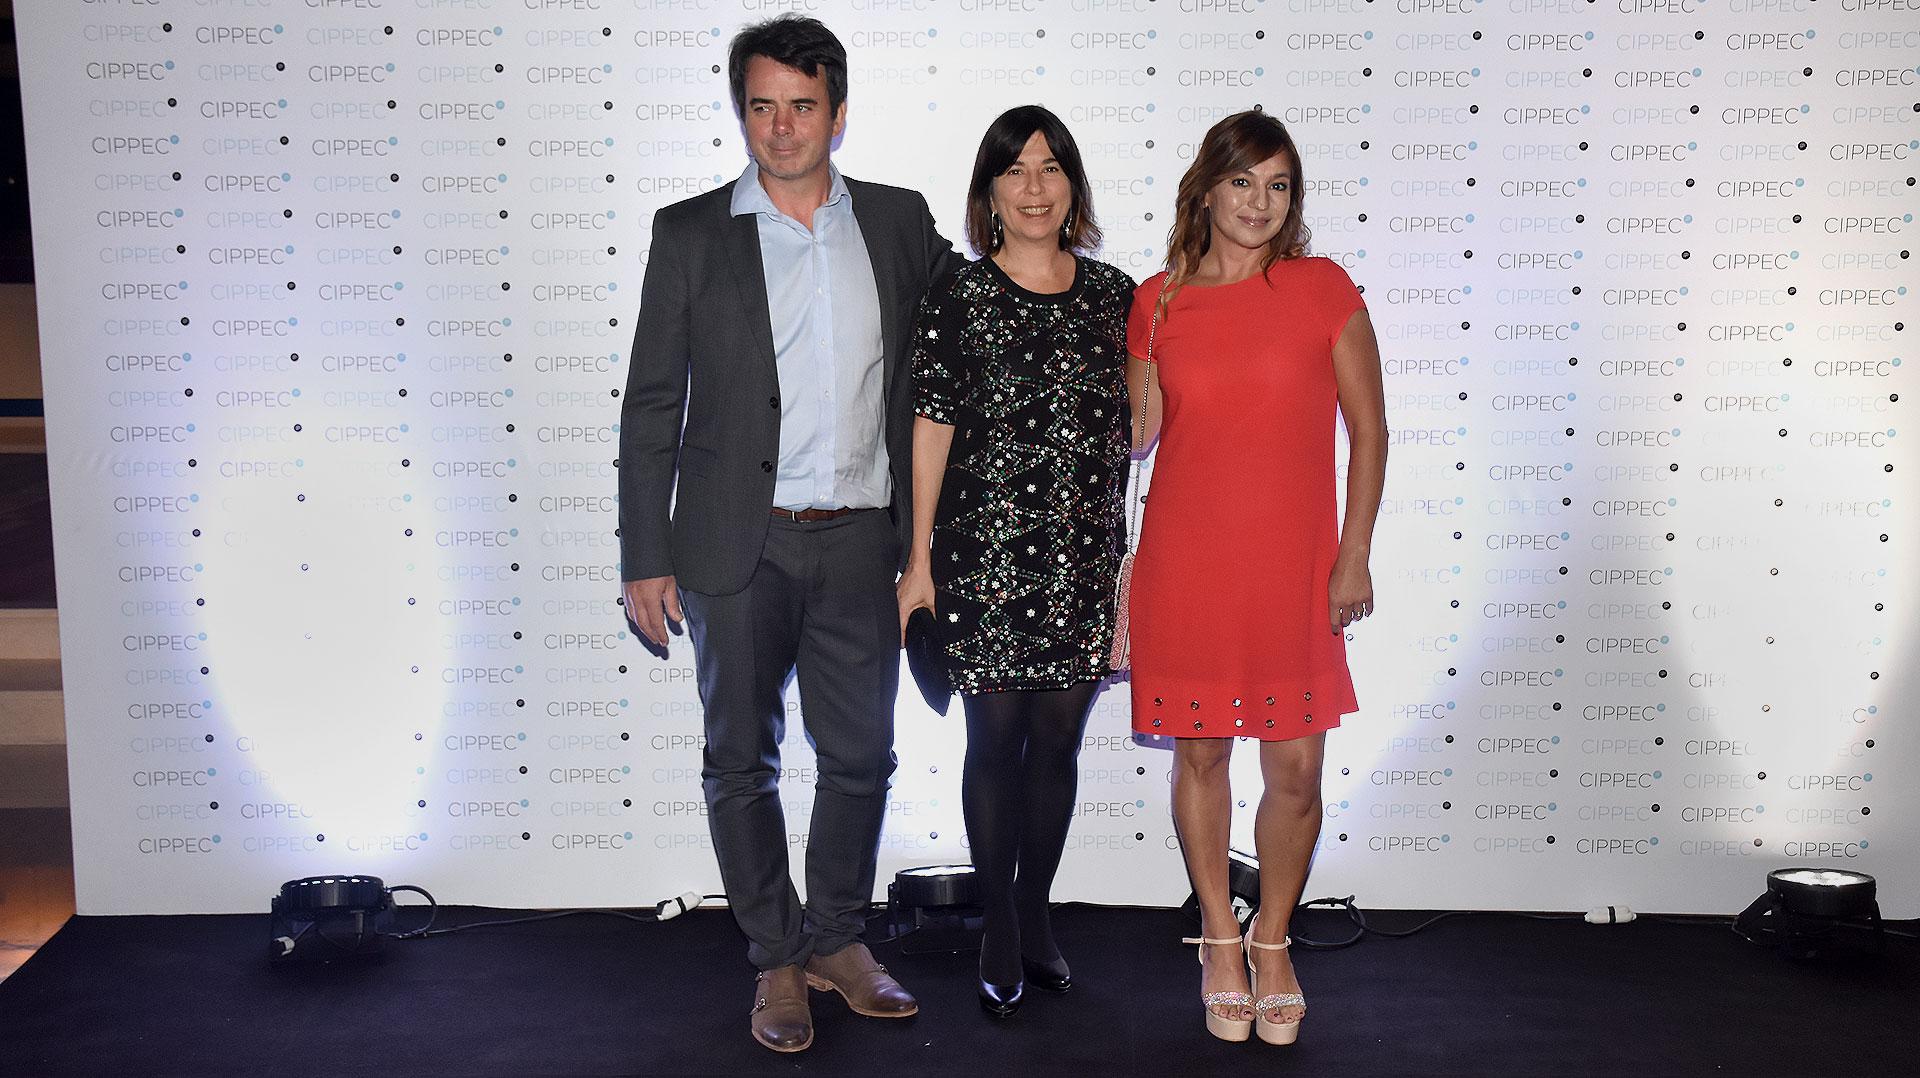 """Los periodistas Gerardo """"Tato"""" Young, María O'Donnell y Lorena Maciel /// Fotos: Nicolás Stulberg"""